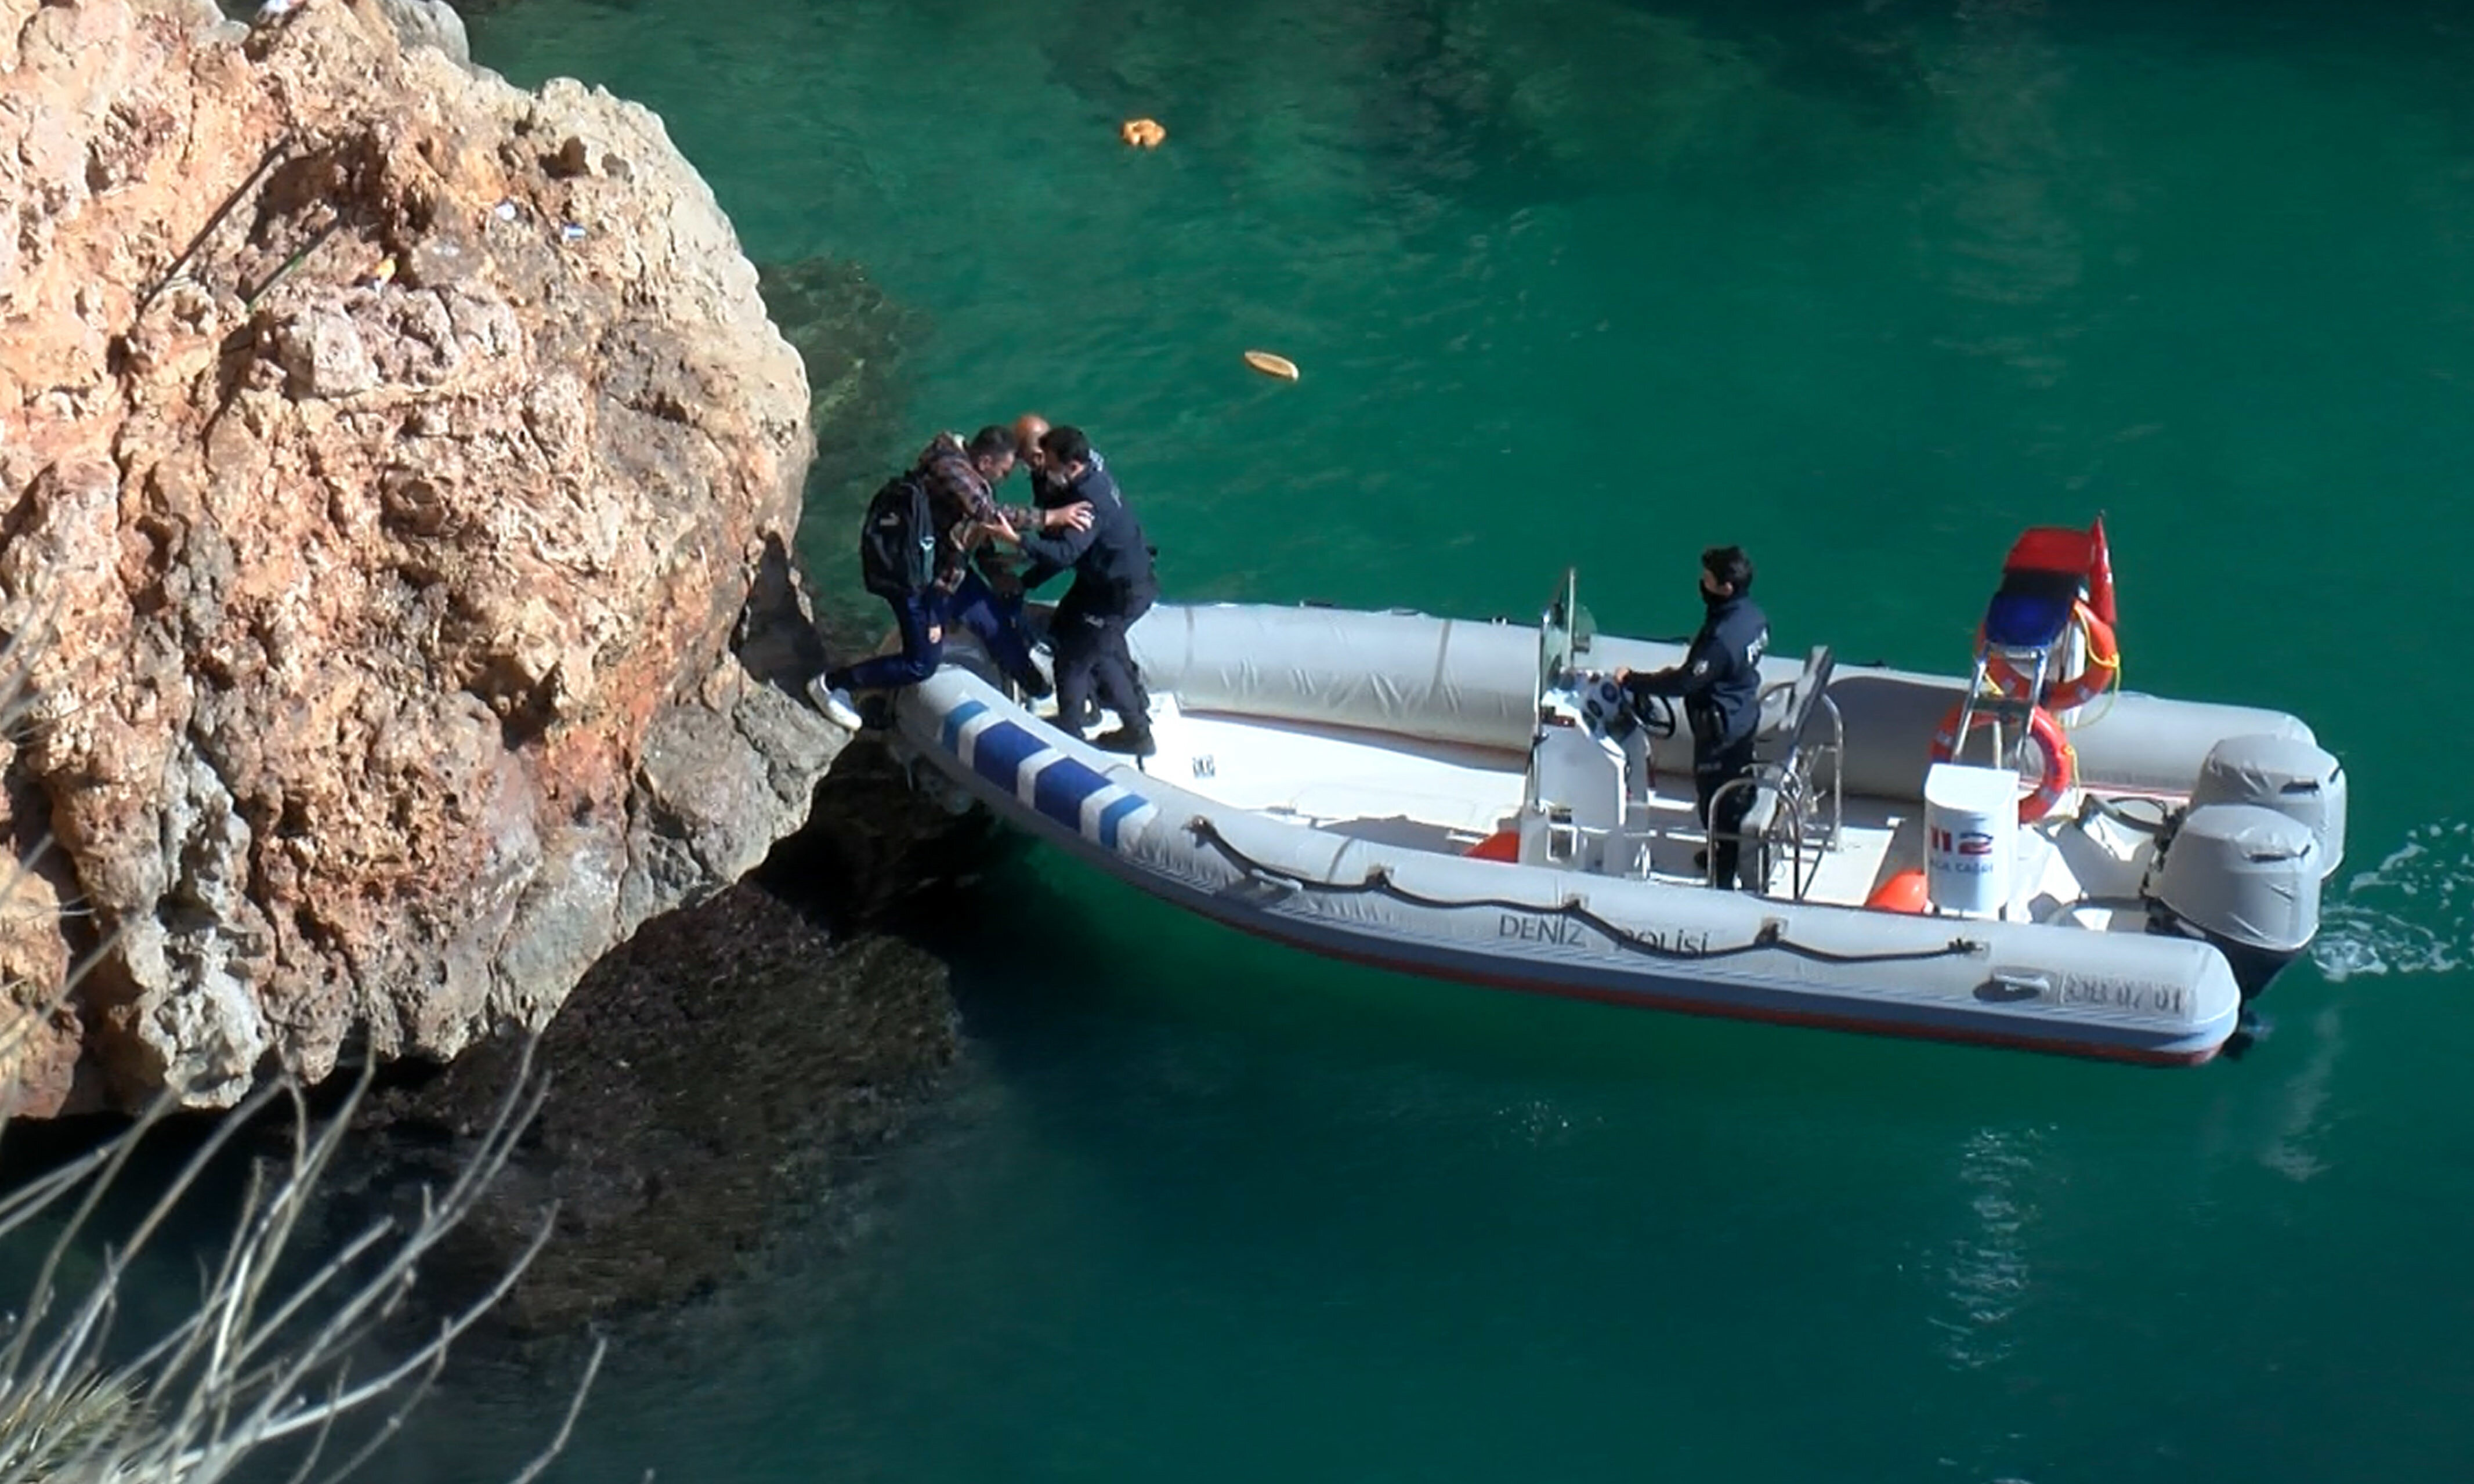 Limandan çıkış yapan ekipler, Arıcan'ı bulunduğu yerden bota alıp Kaleiçi Yat Limanı'na getirdi